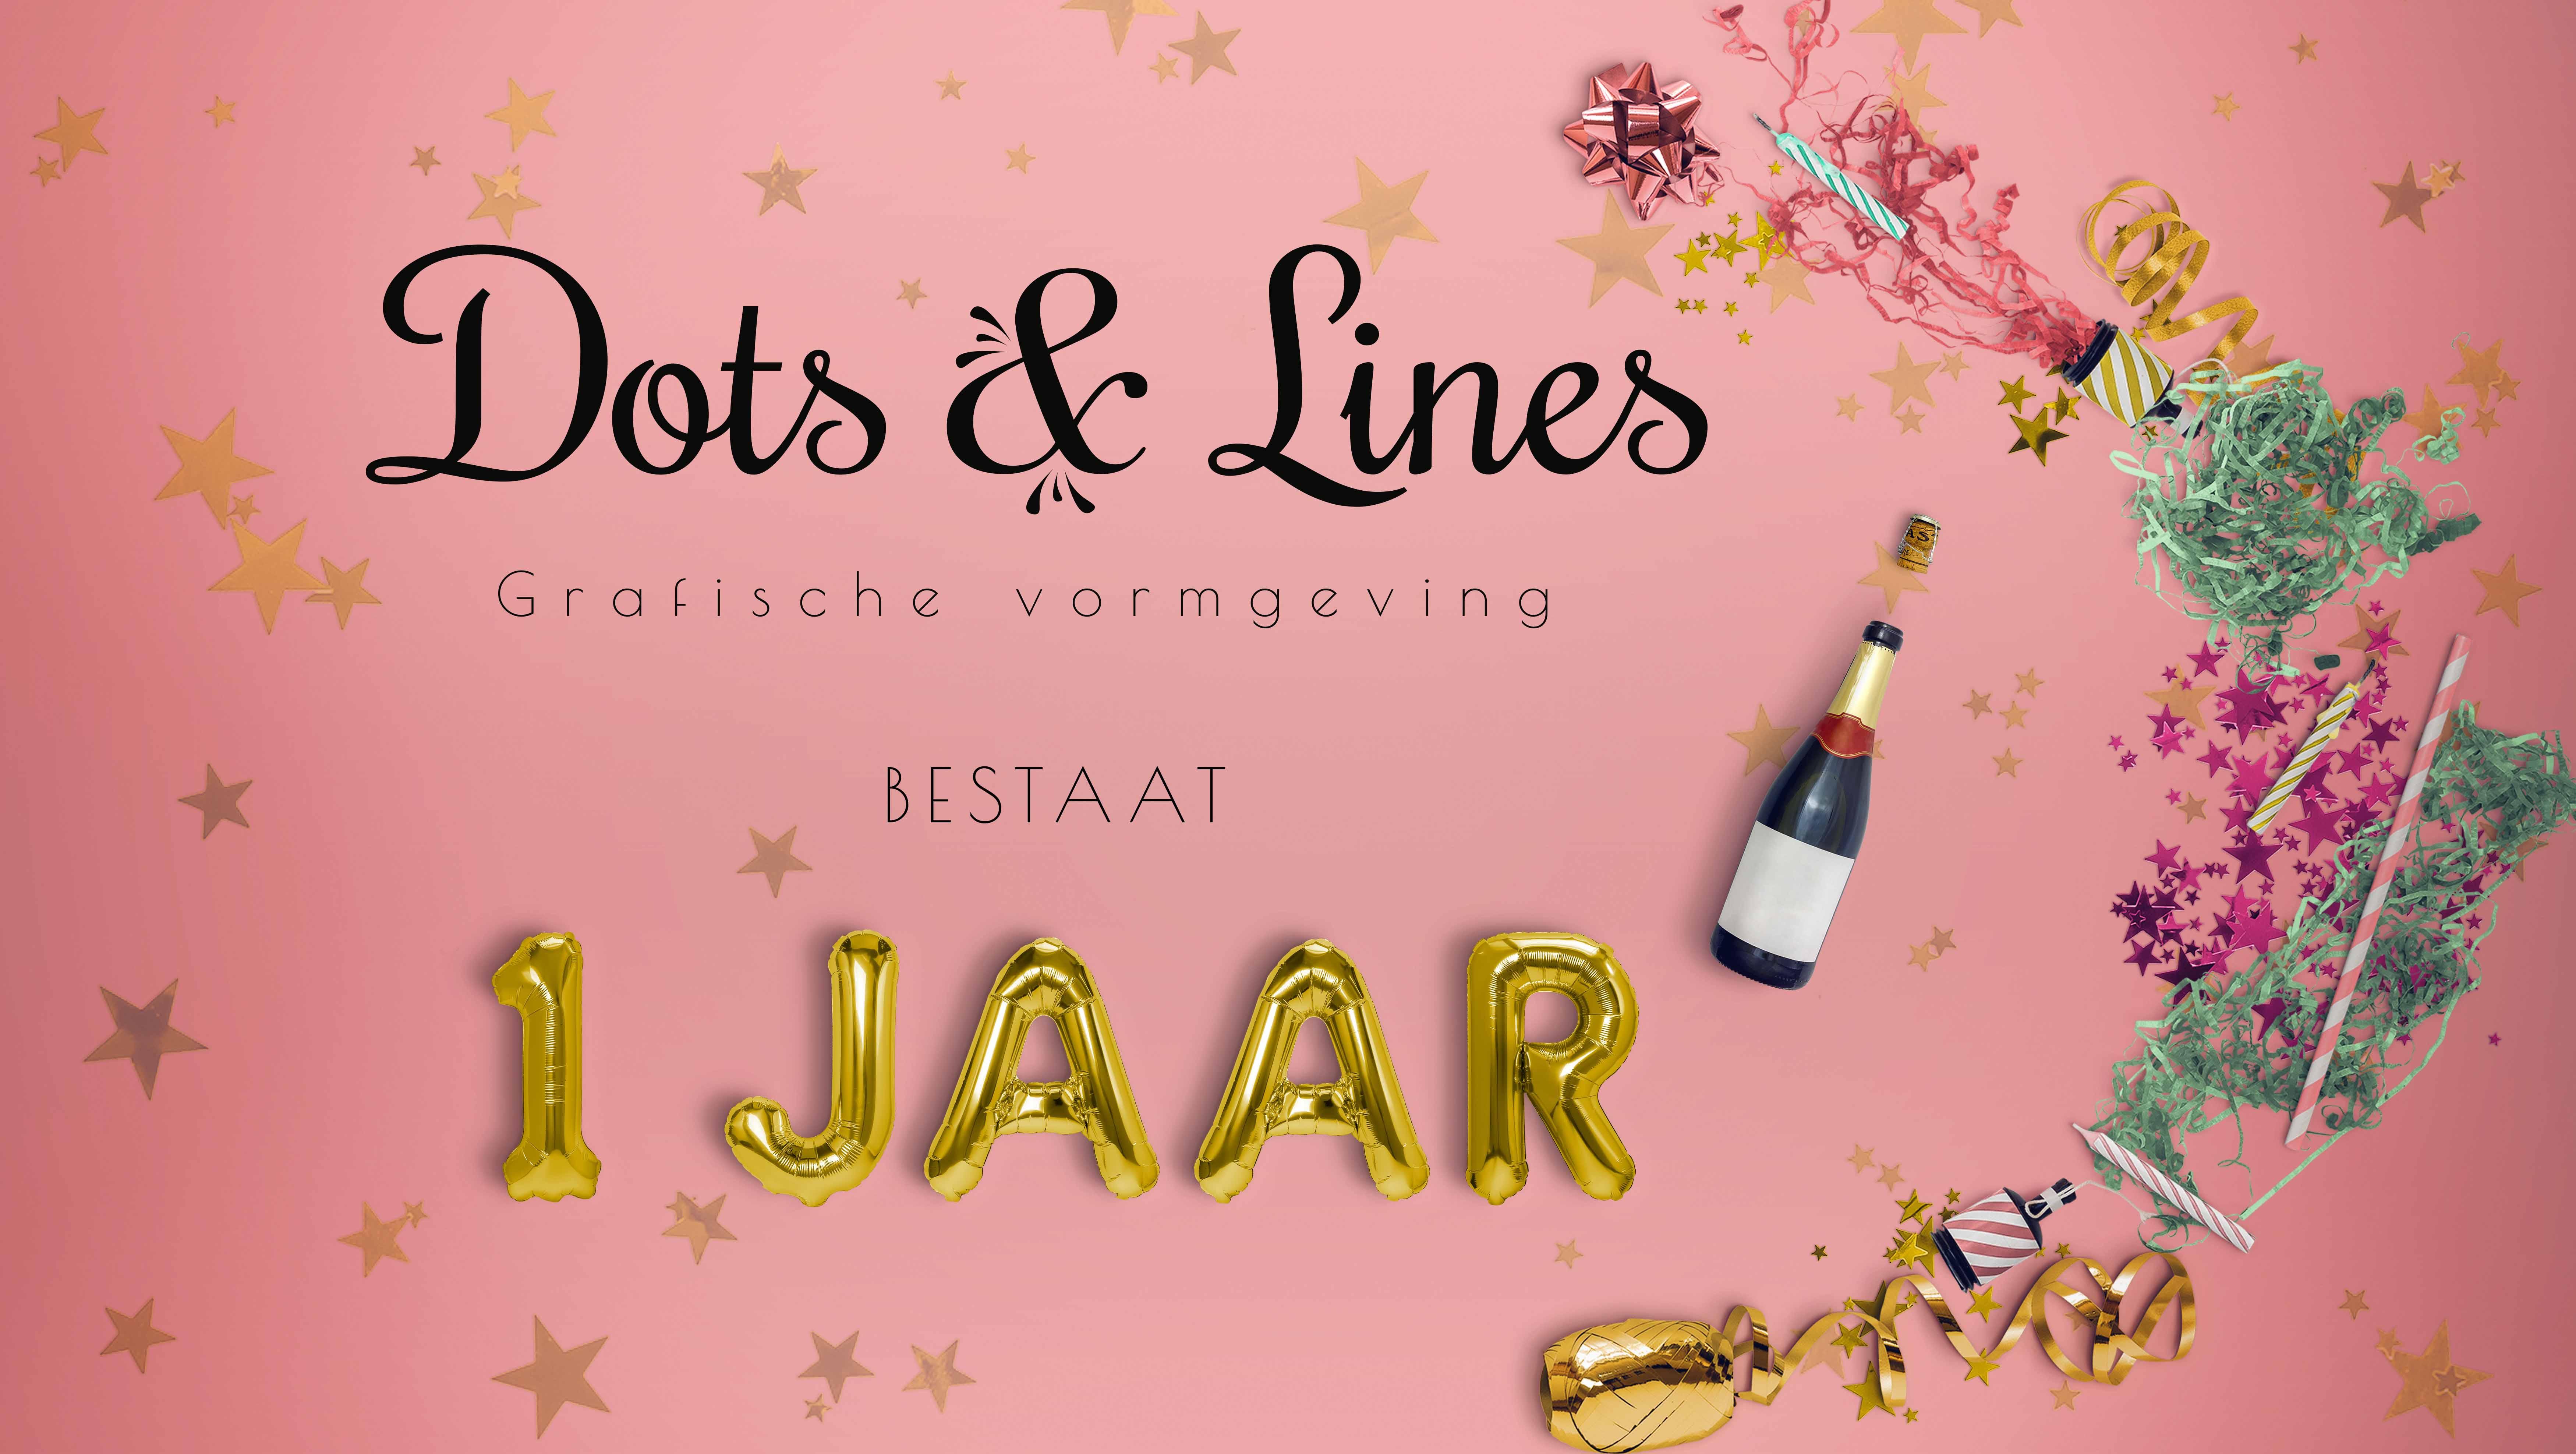 Dots & Lines viert haar 1 jarig jubileum!